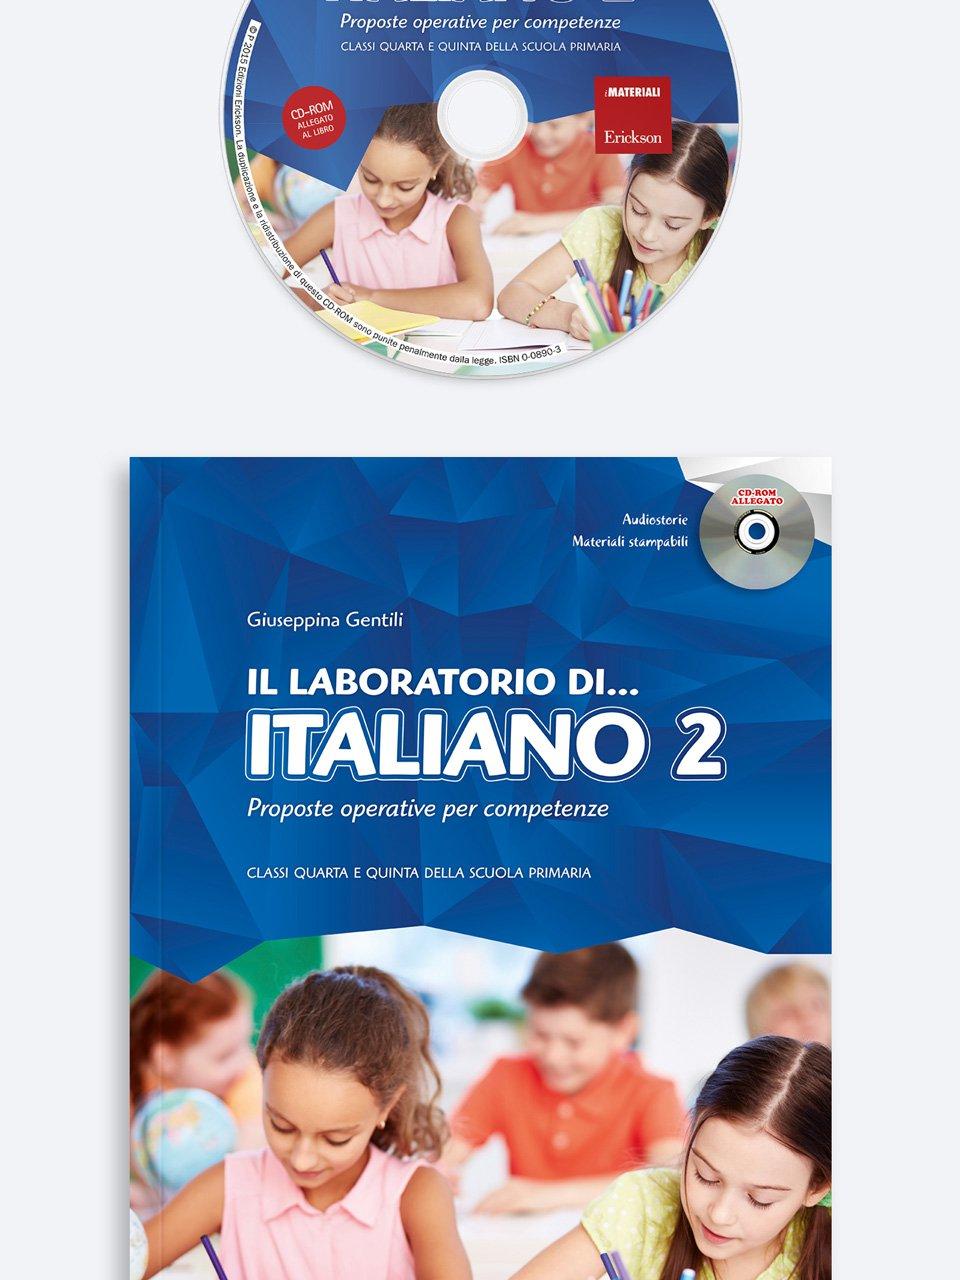 Il laboratorio di... italiano - Volume 2 - didattica laboratoriale - Erickson